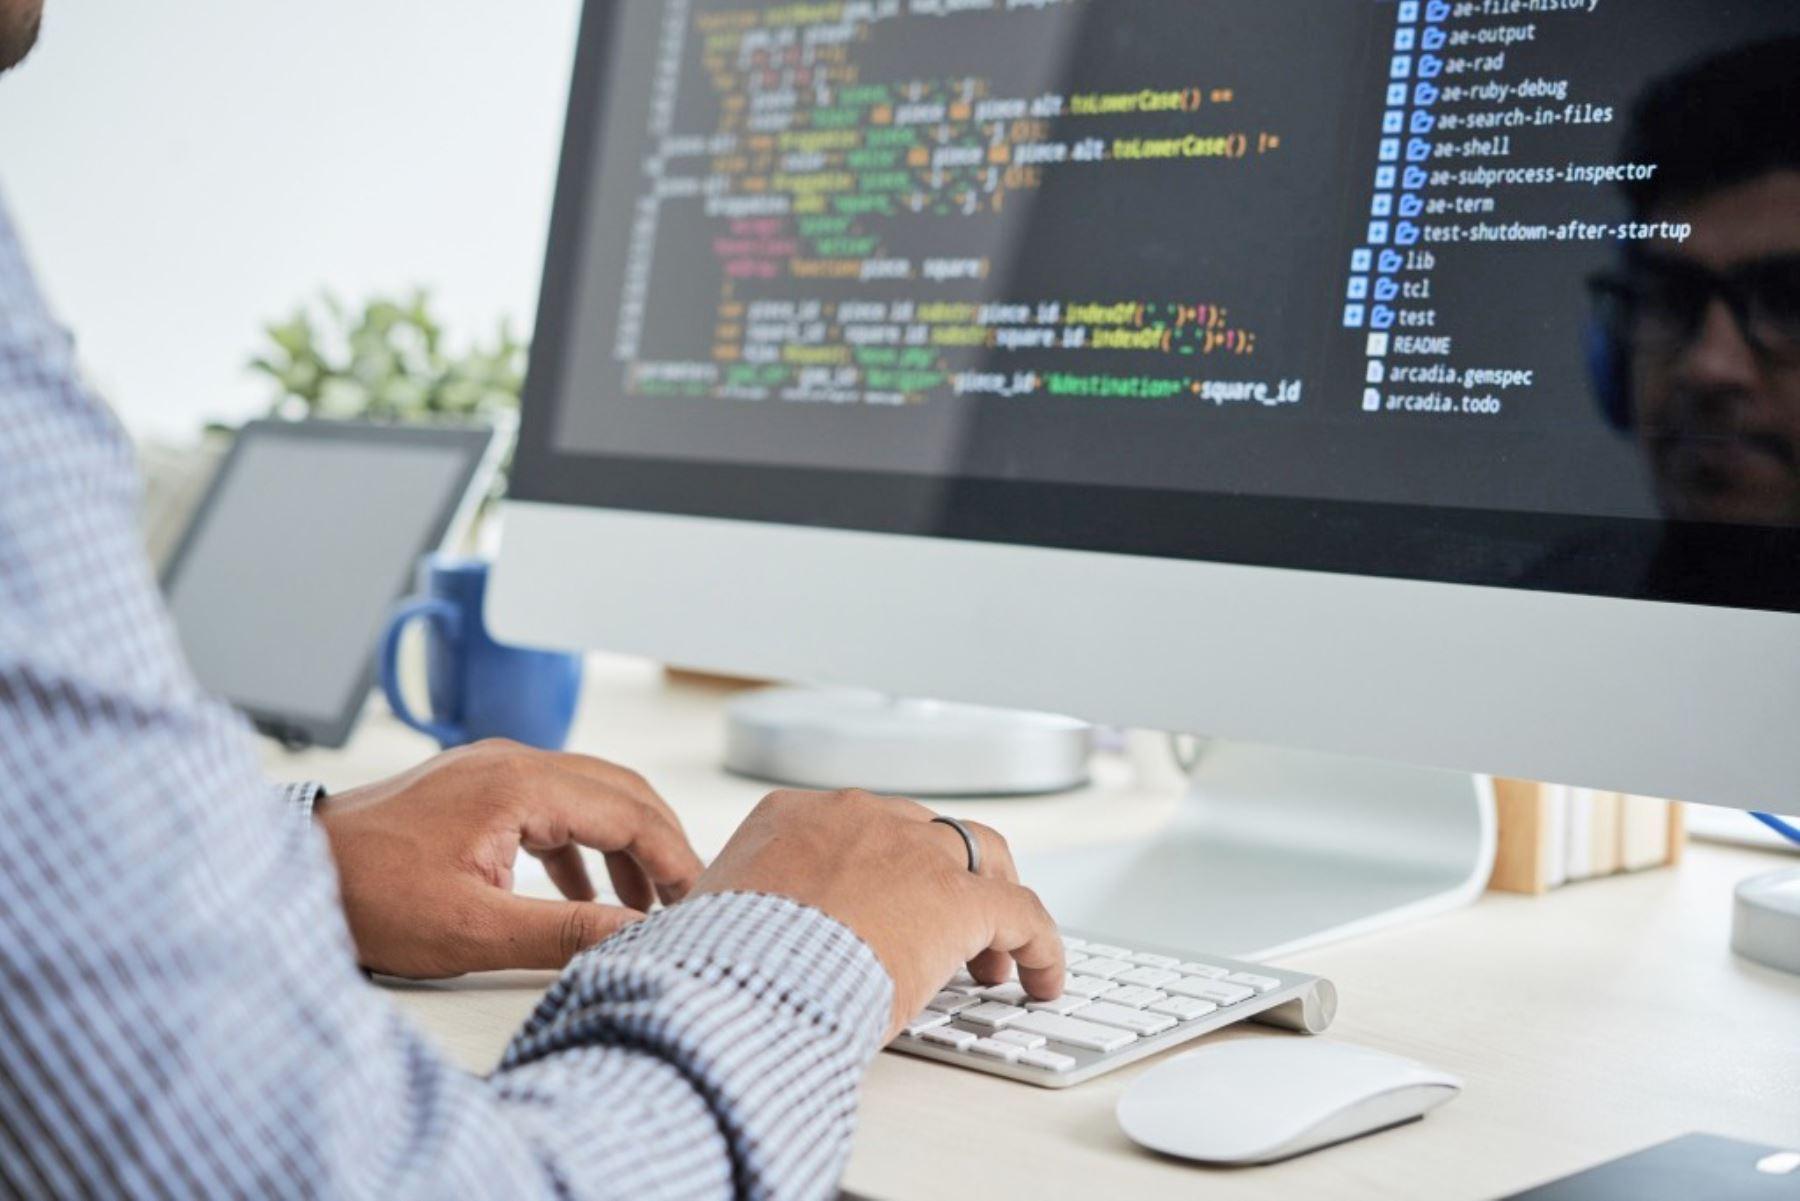 ¡Atención, emprendedores! Brindarán becas para potenciar habilidades digitales